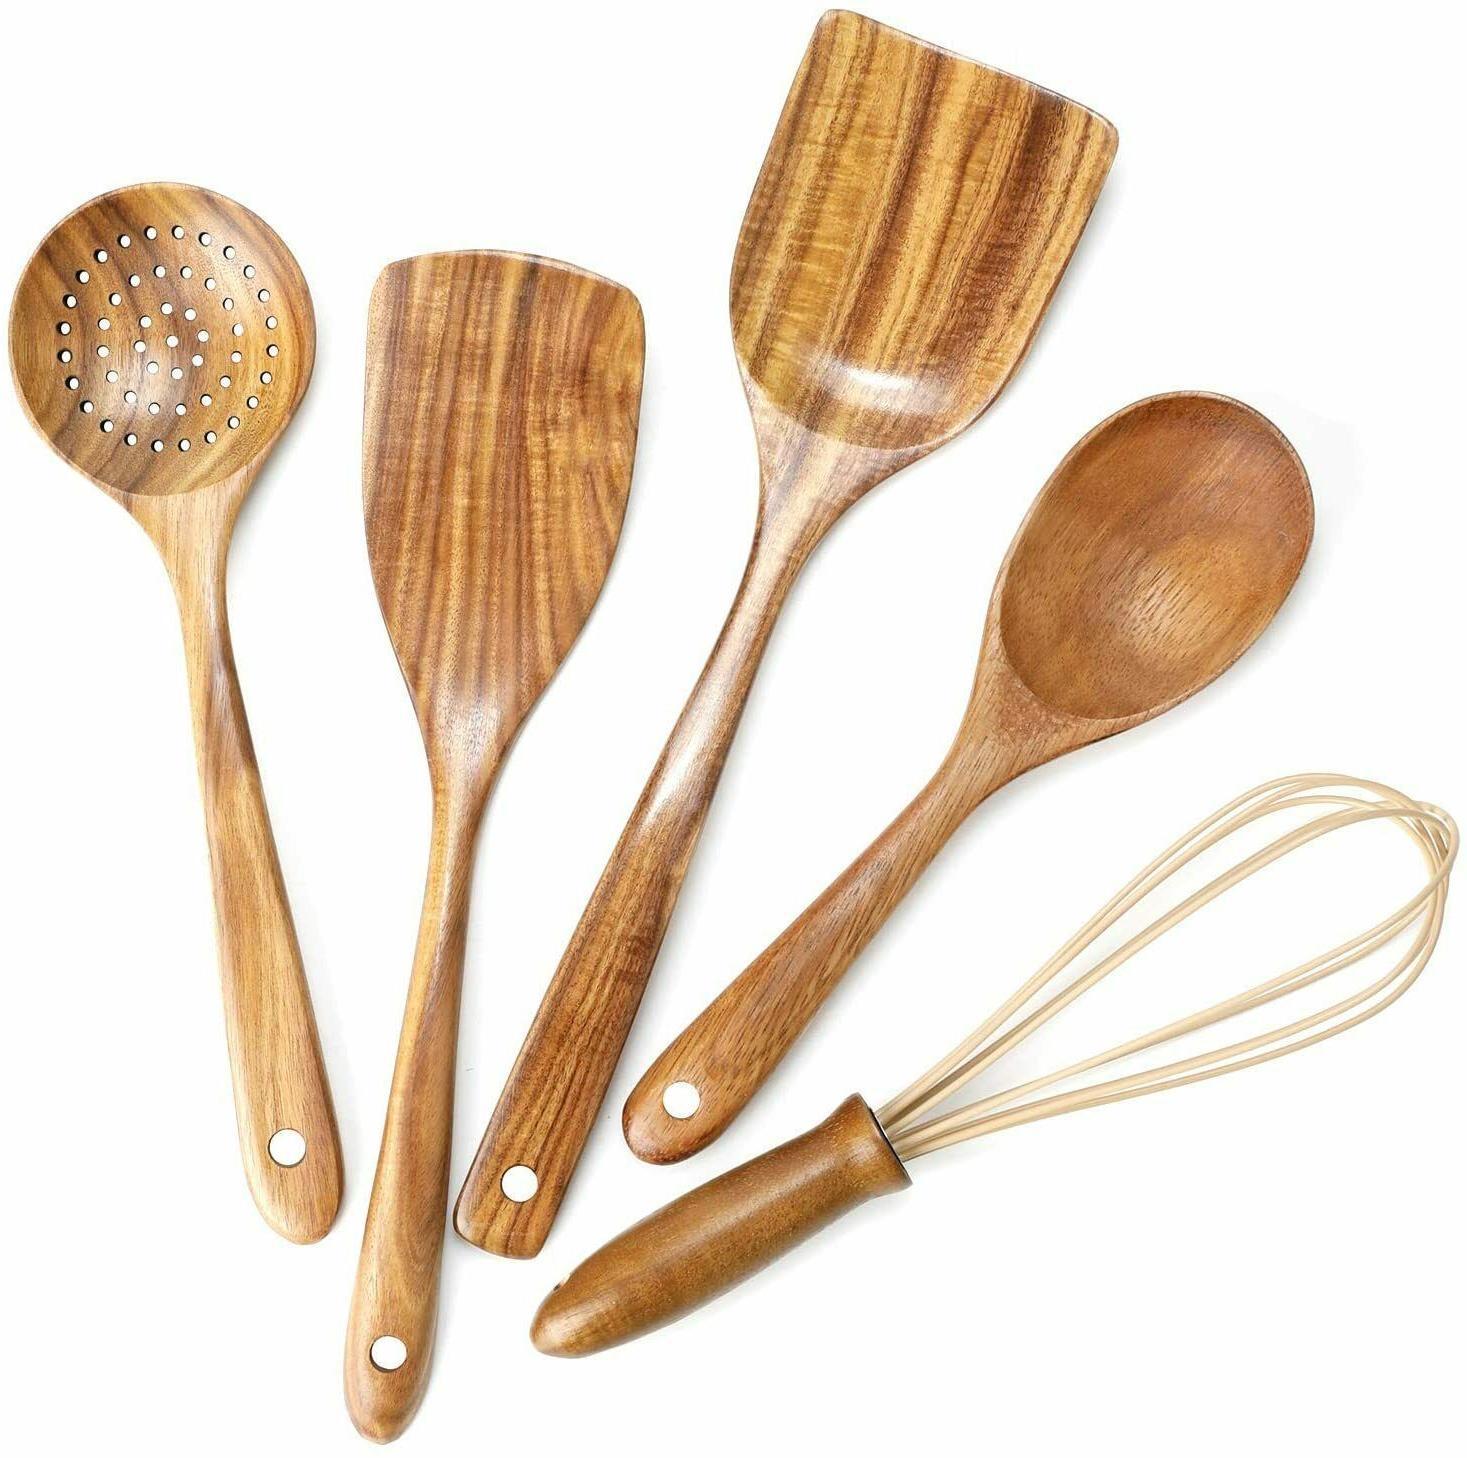 new wooden kitchen utensils set wooden spoons